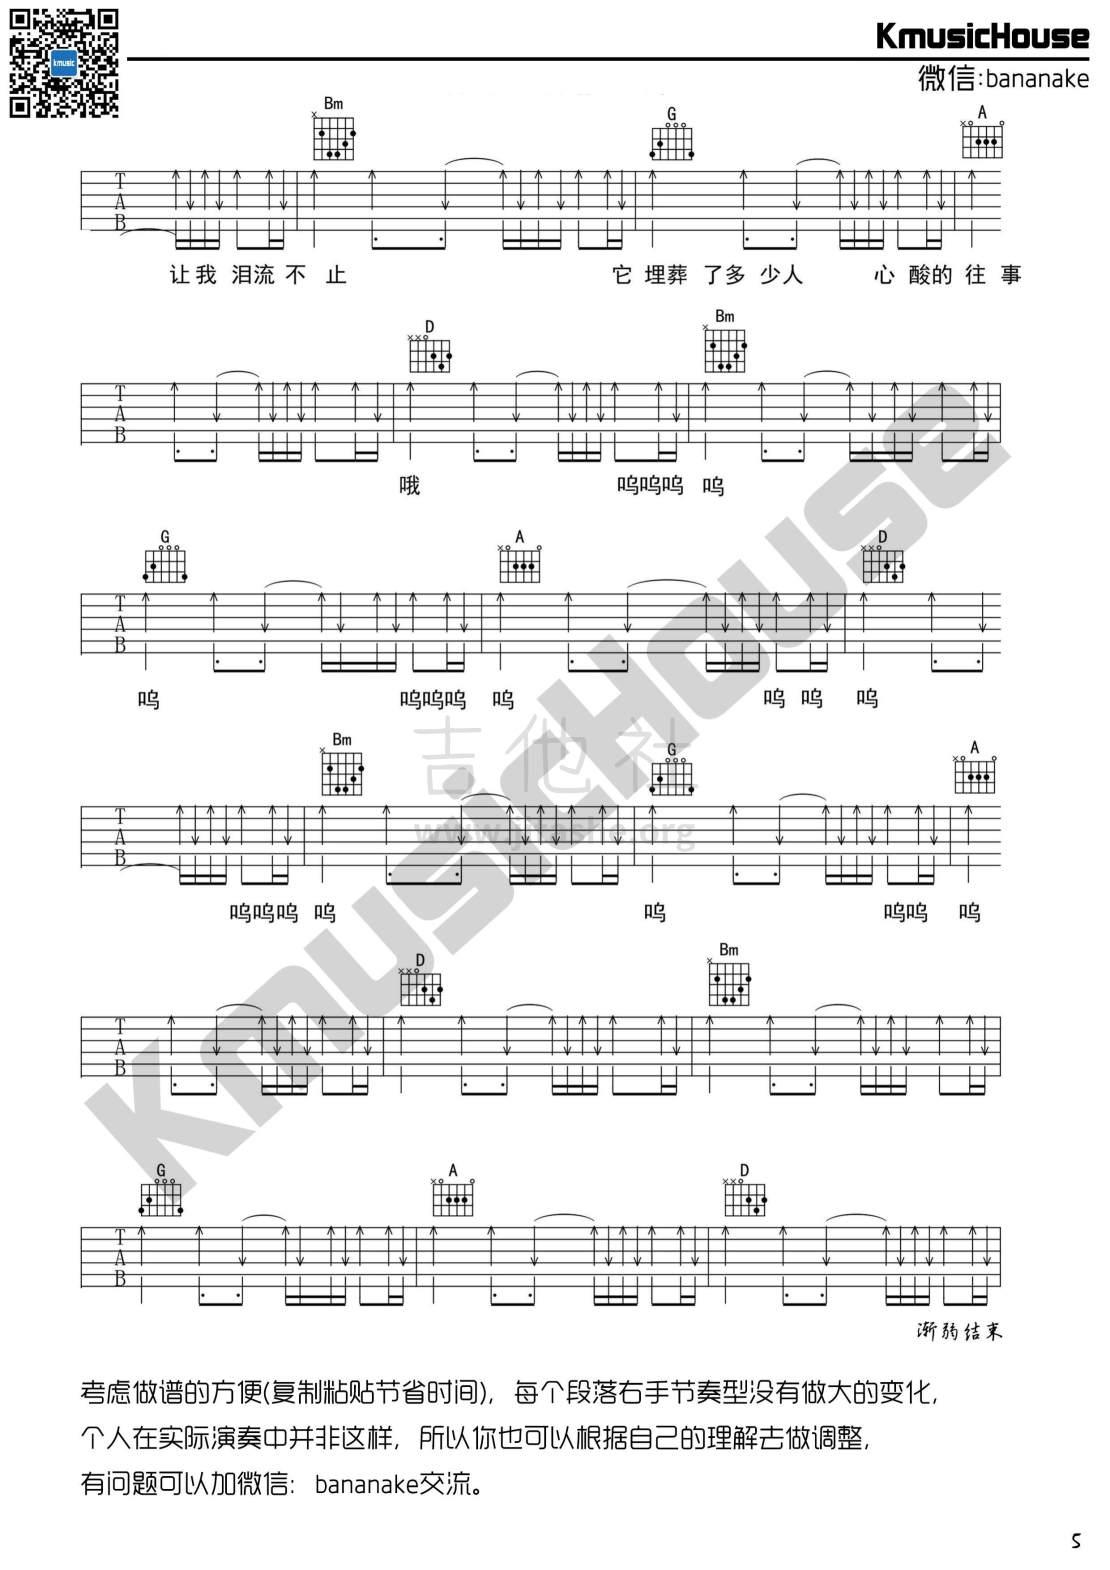 父亲写的散文诗吉他谱(图片谱,弹唱)_李健_父亲写的散文诗kmusic_05.jpg